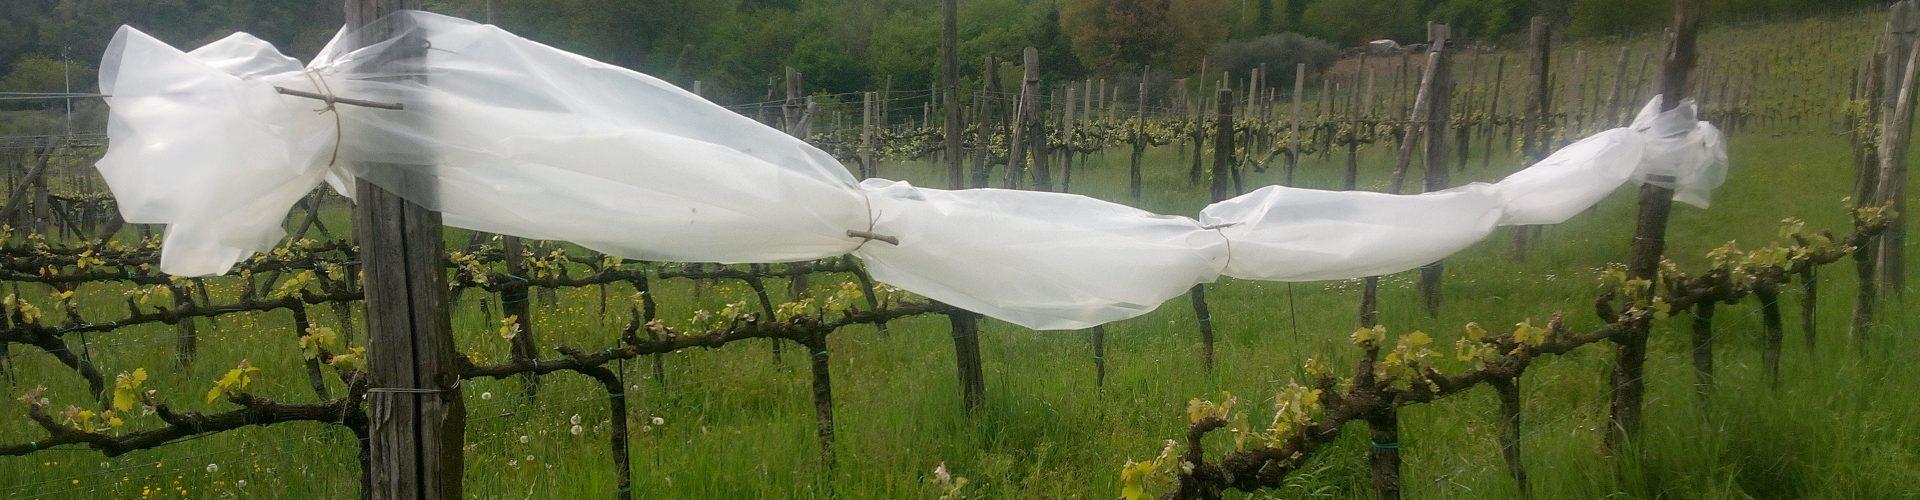 Incontro tecnico di monitoraggio fitosanitario in campo